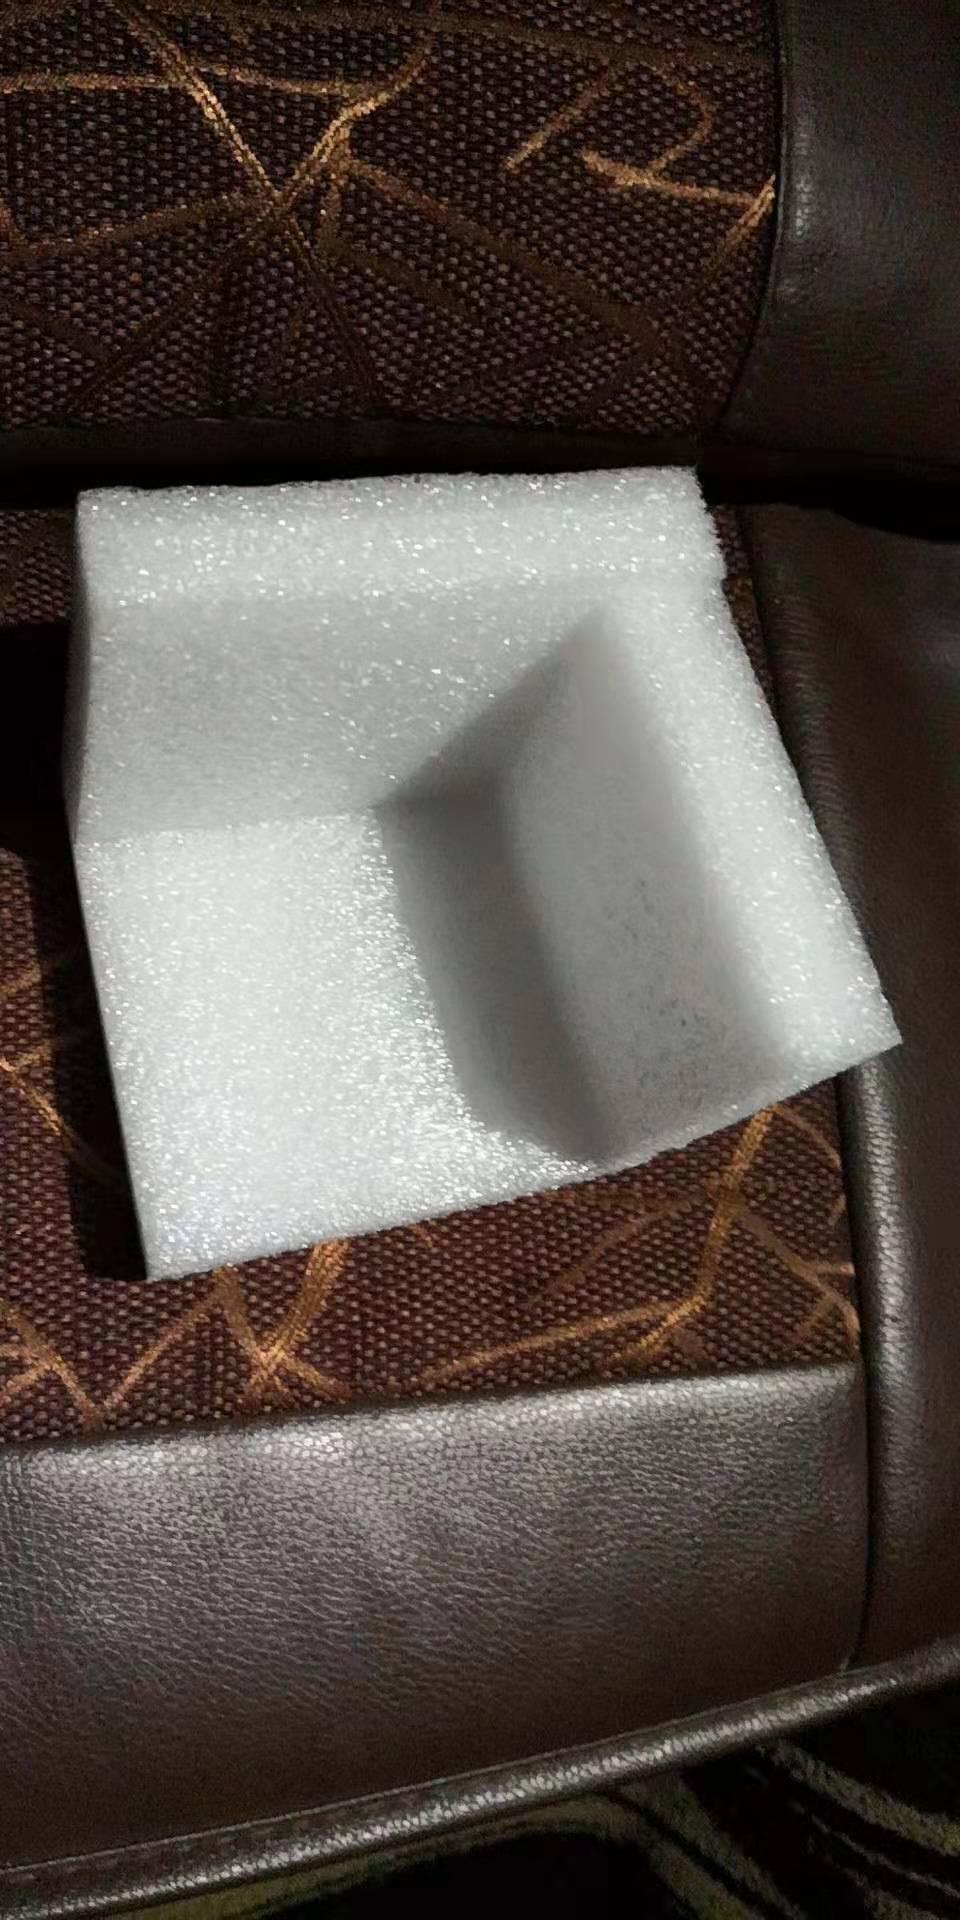 寧波泡沫保溫箱批發-智峰塑料包裝